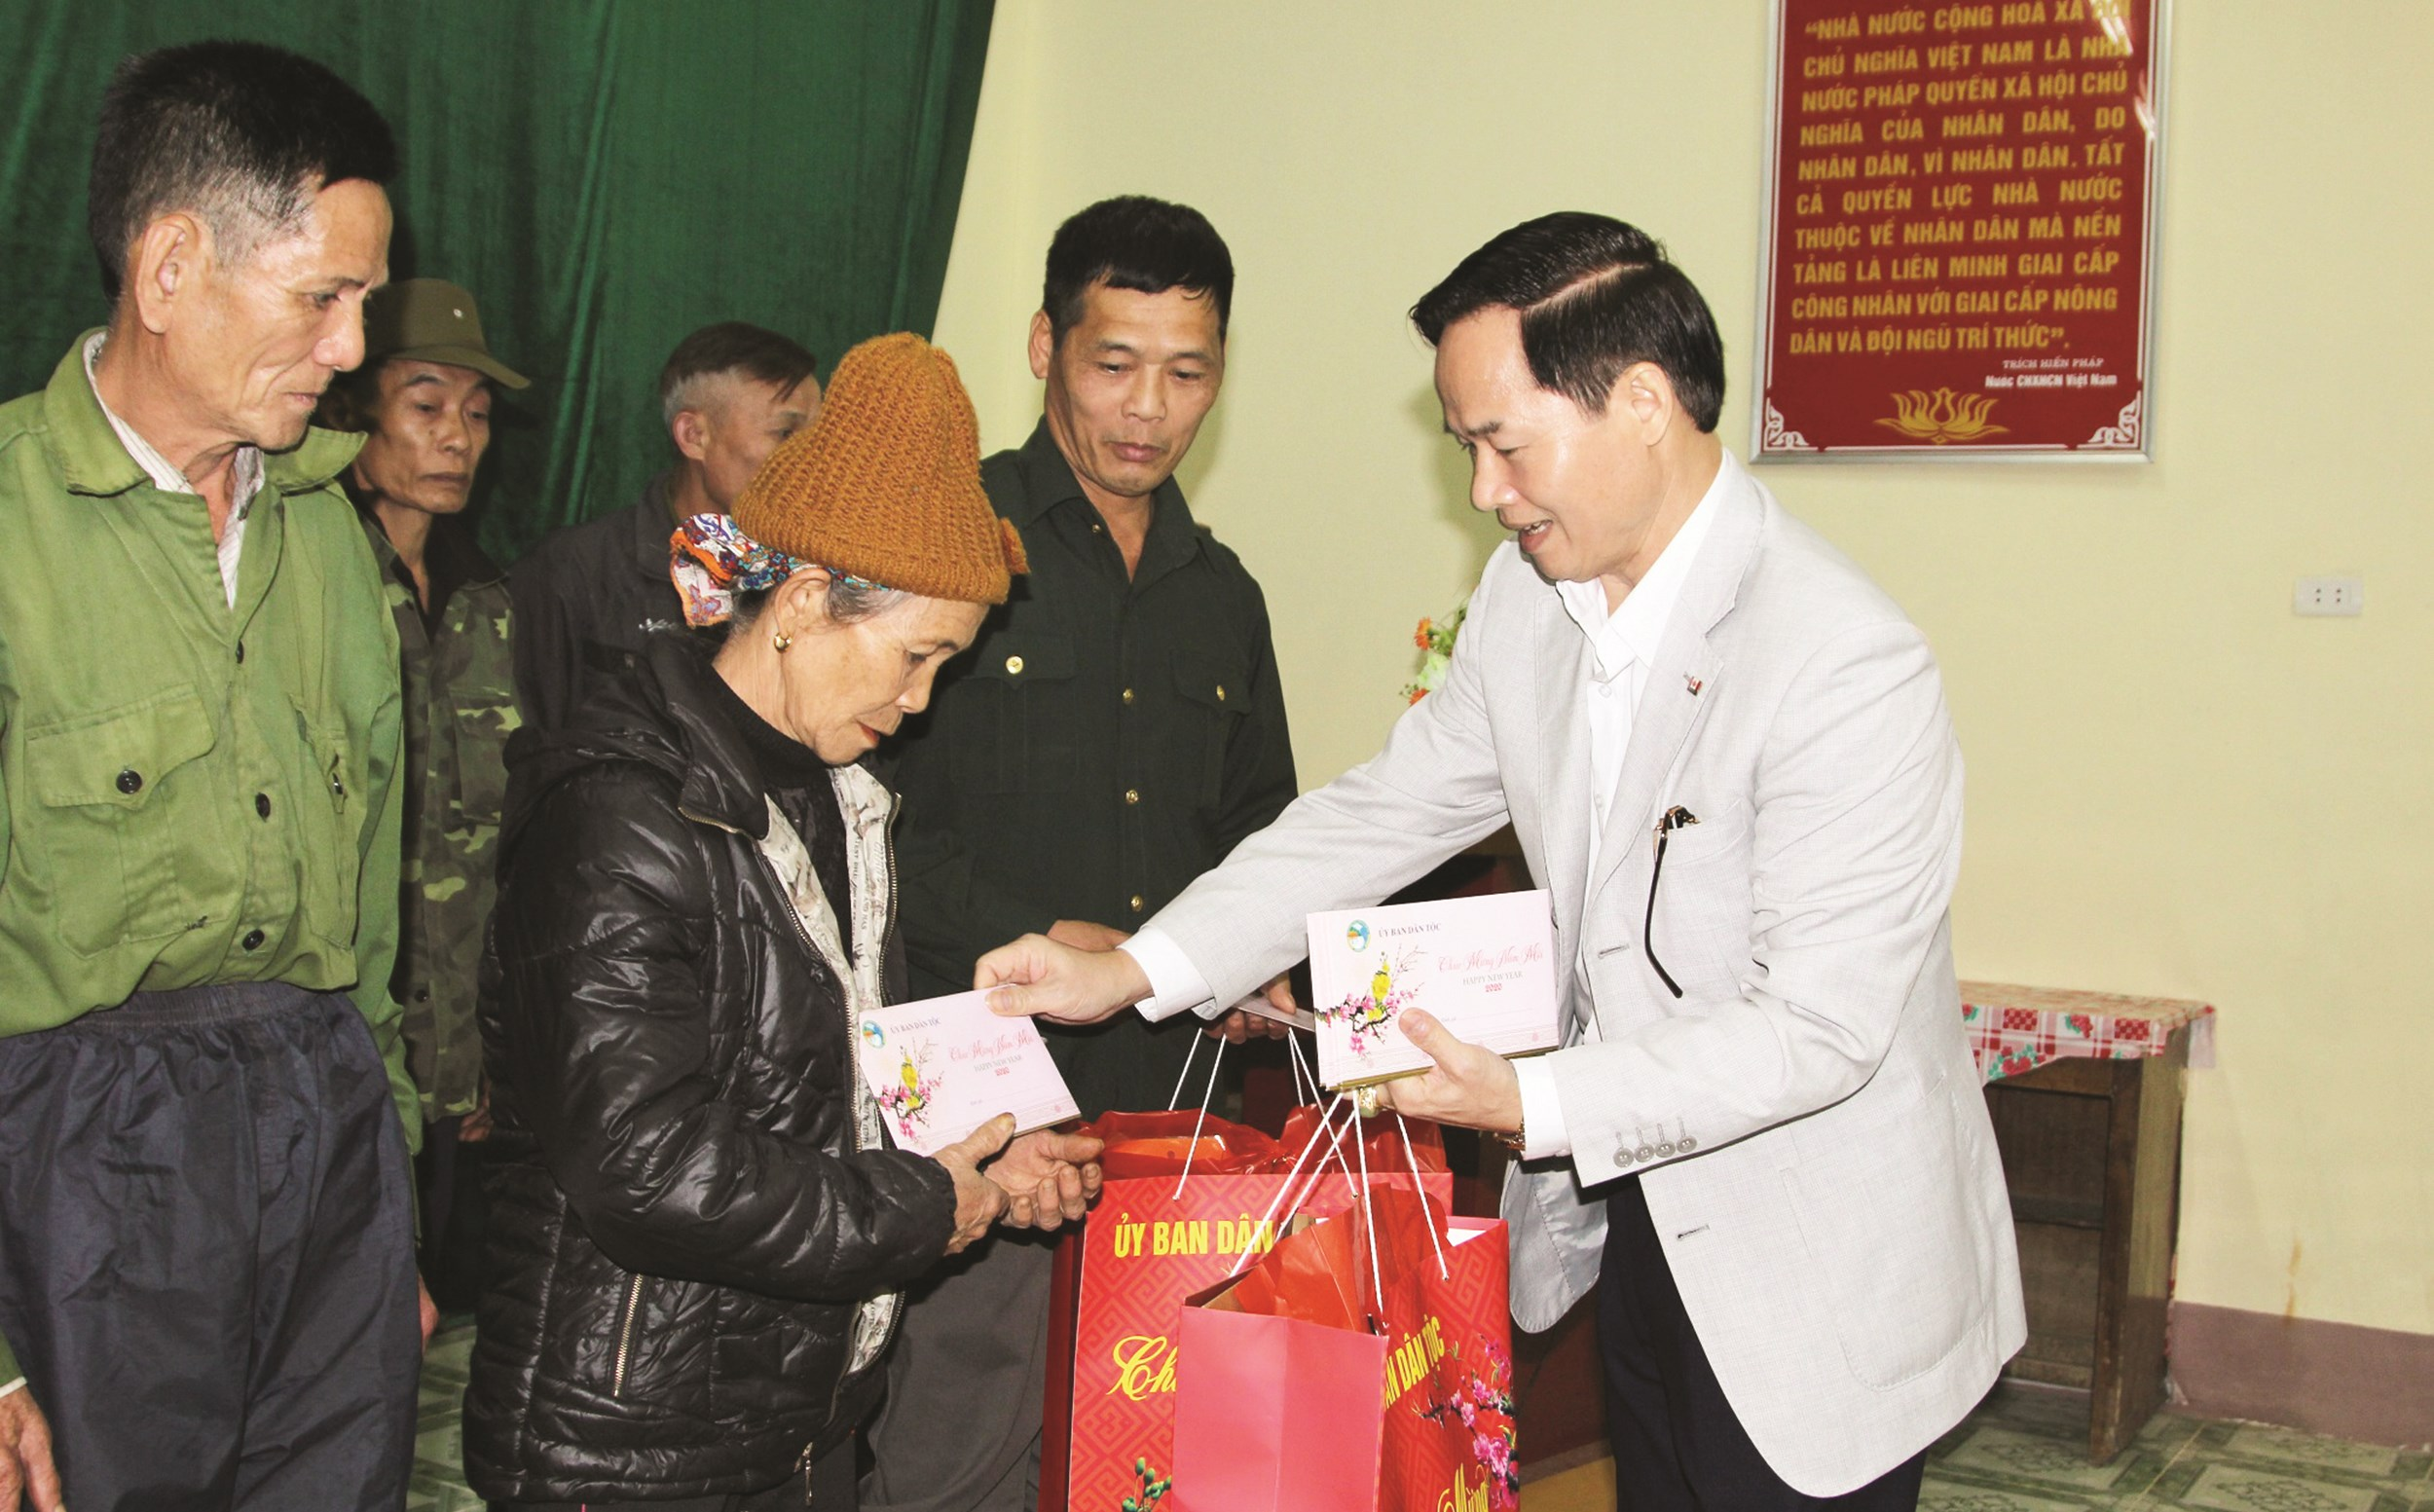 Ông Nguyễn Quang Đức trao quà của UBDT cho đồng bào DTTS nghèo xã Đổng Xá